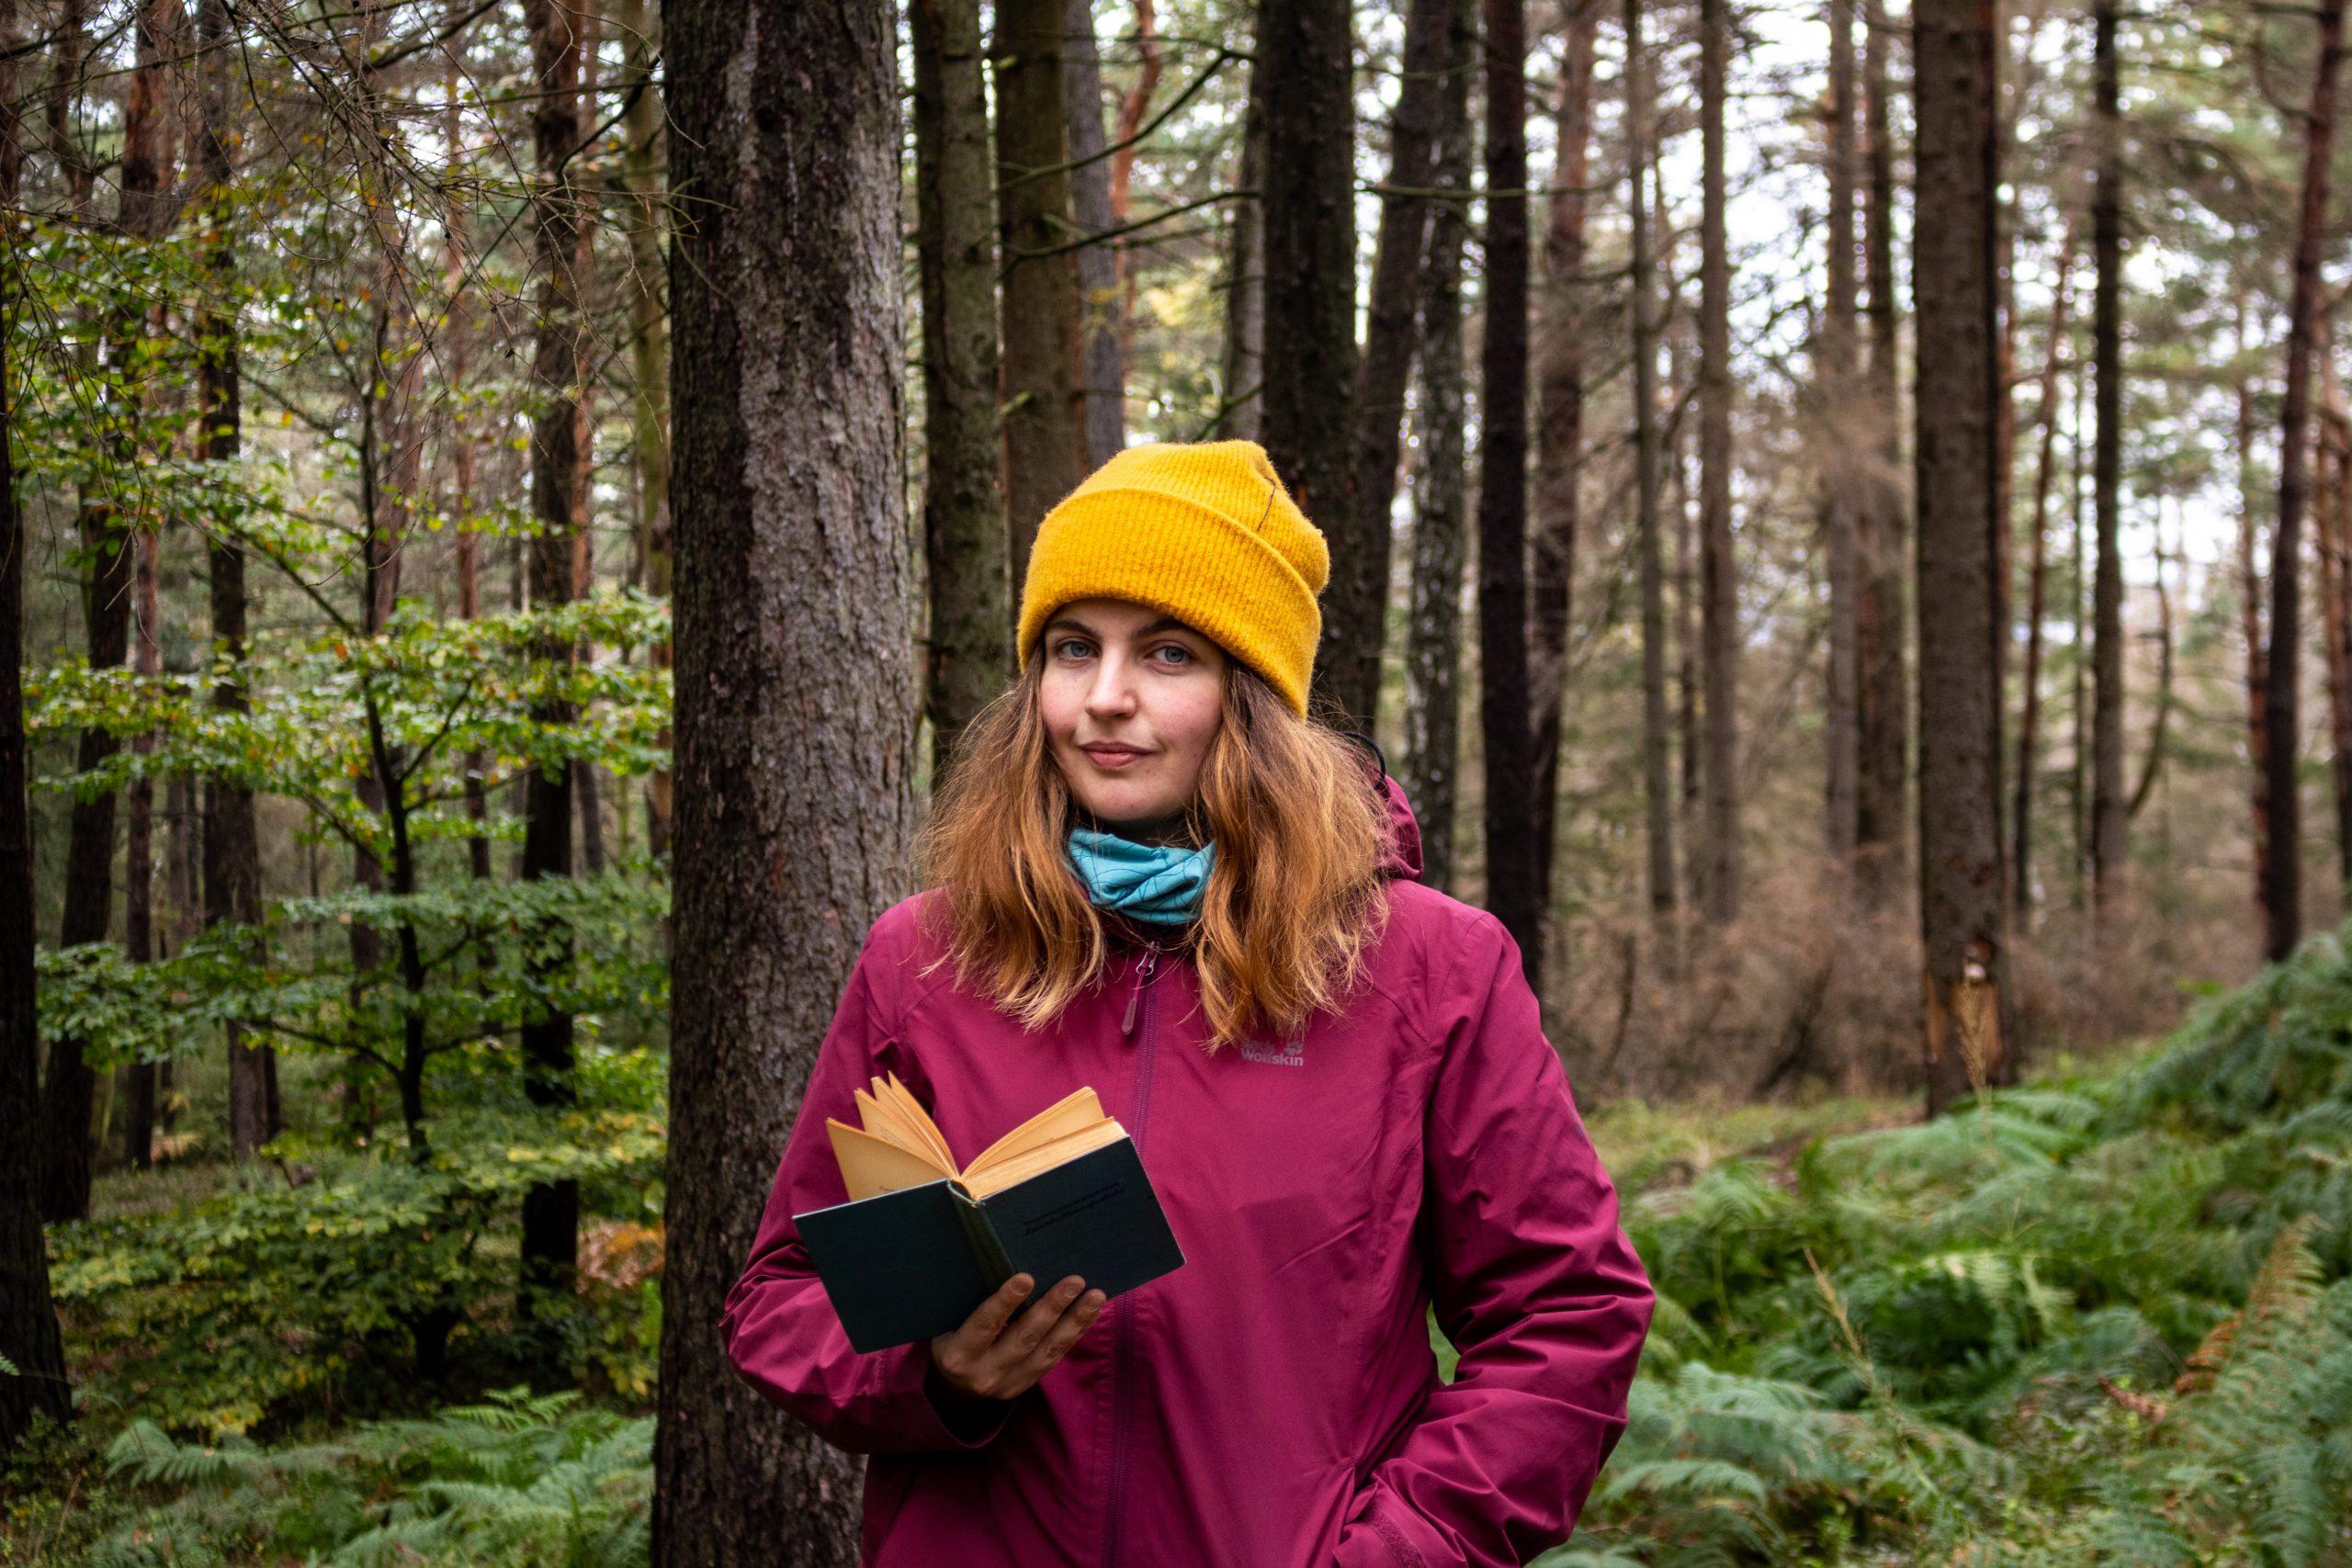 Marsha Richarz steht in einem Wald. In ihrer rechten Hand hält sie ein altes Buch.